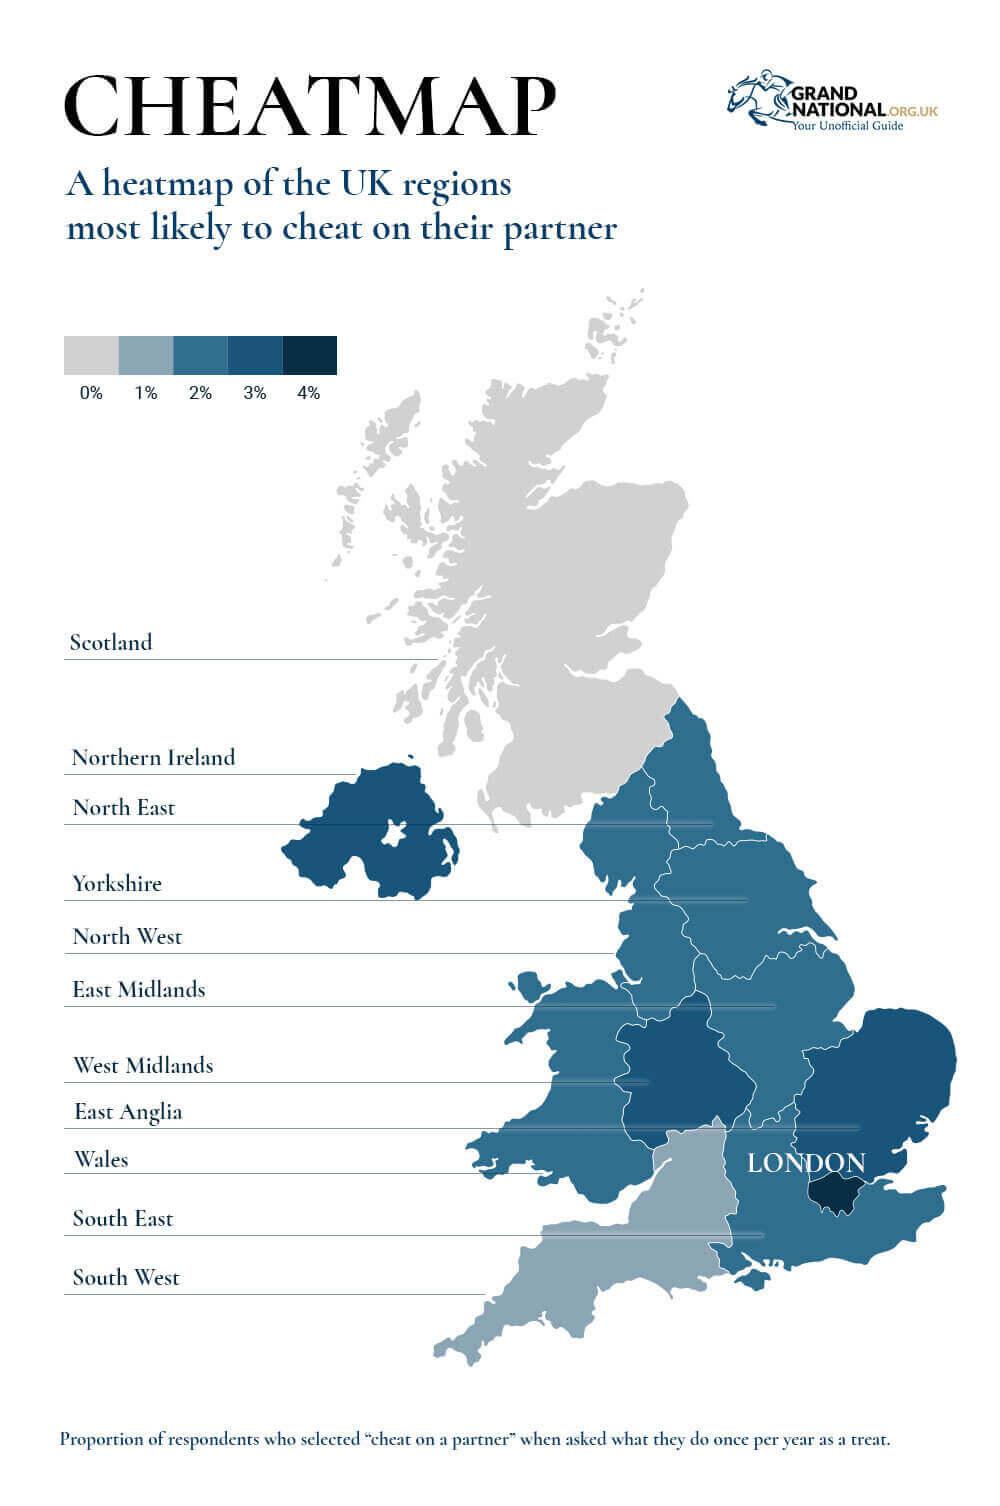 Where Brits Cheat